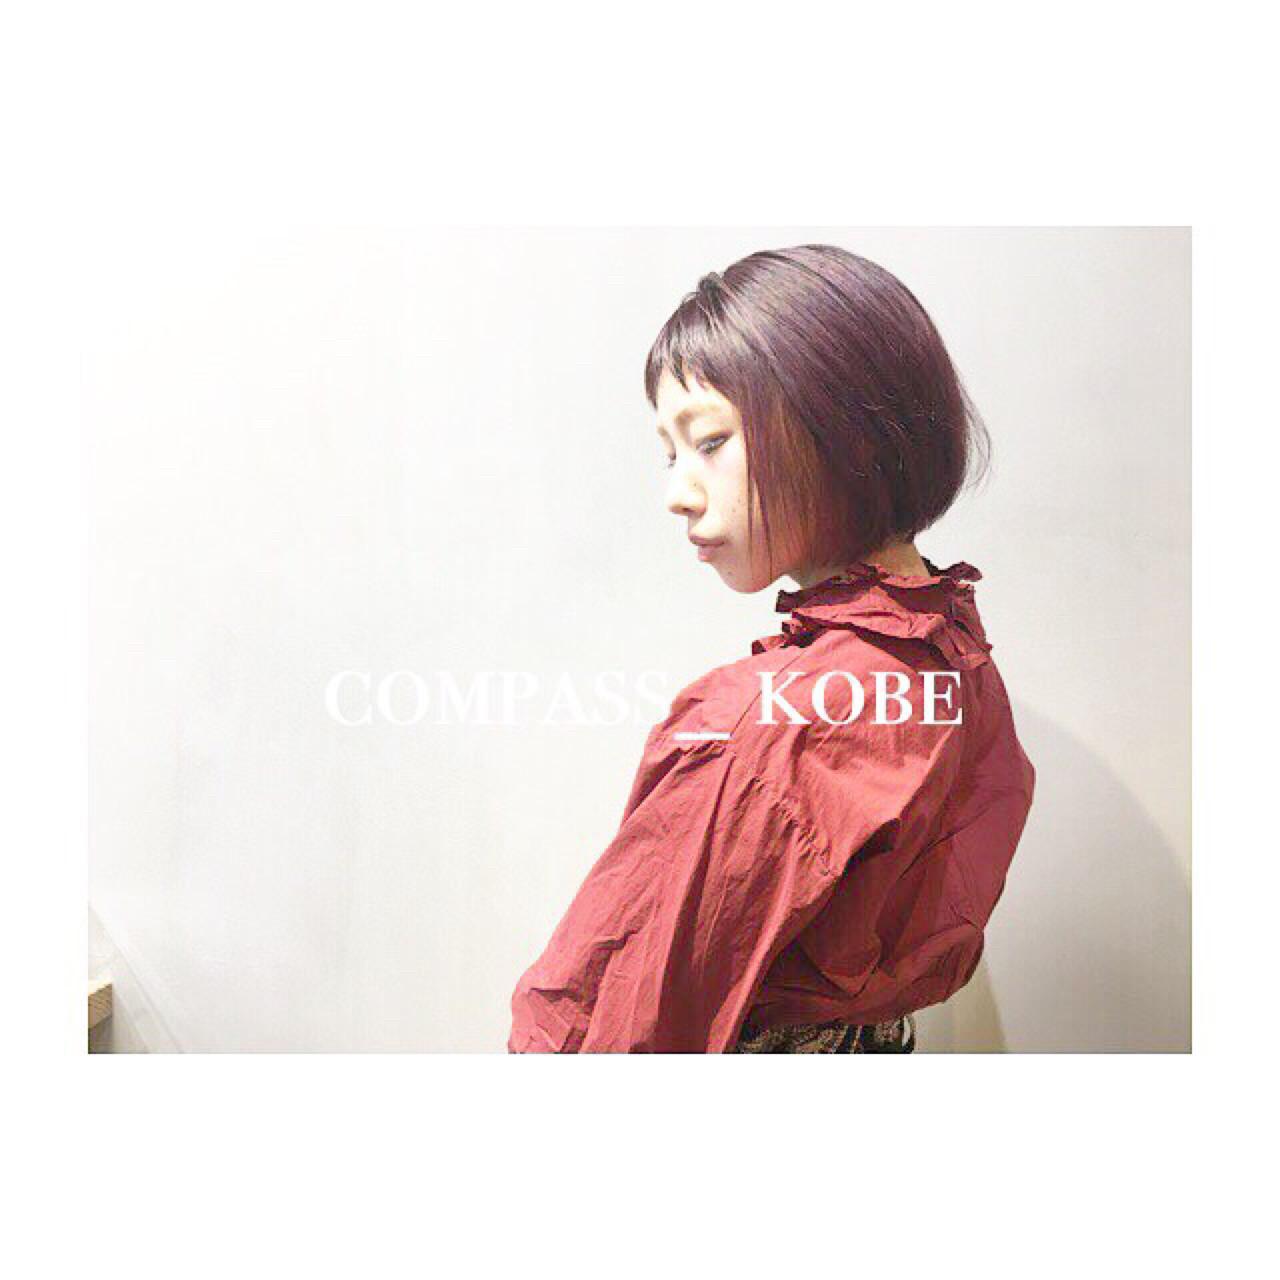 ギザギザ前髪のピンクブラウンのボブ♡ COM PASS タイチ